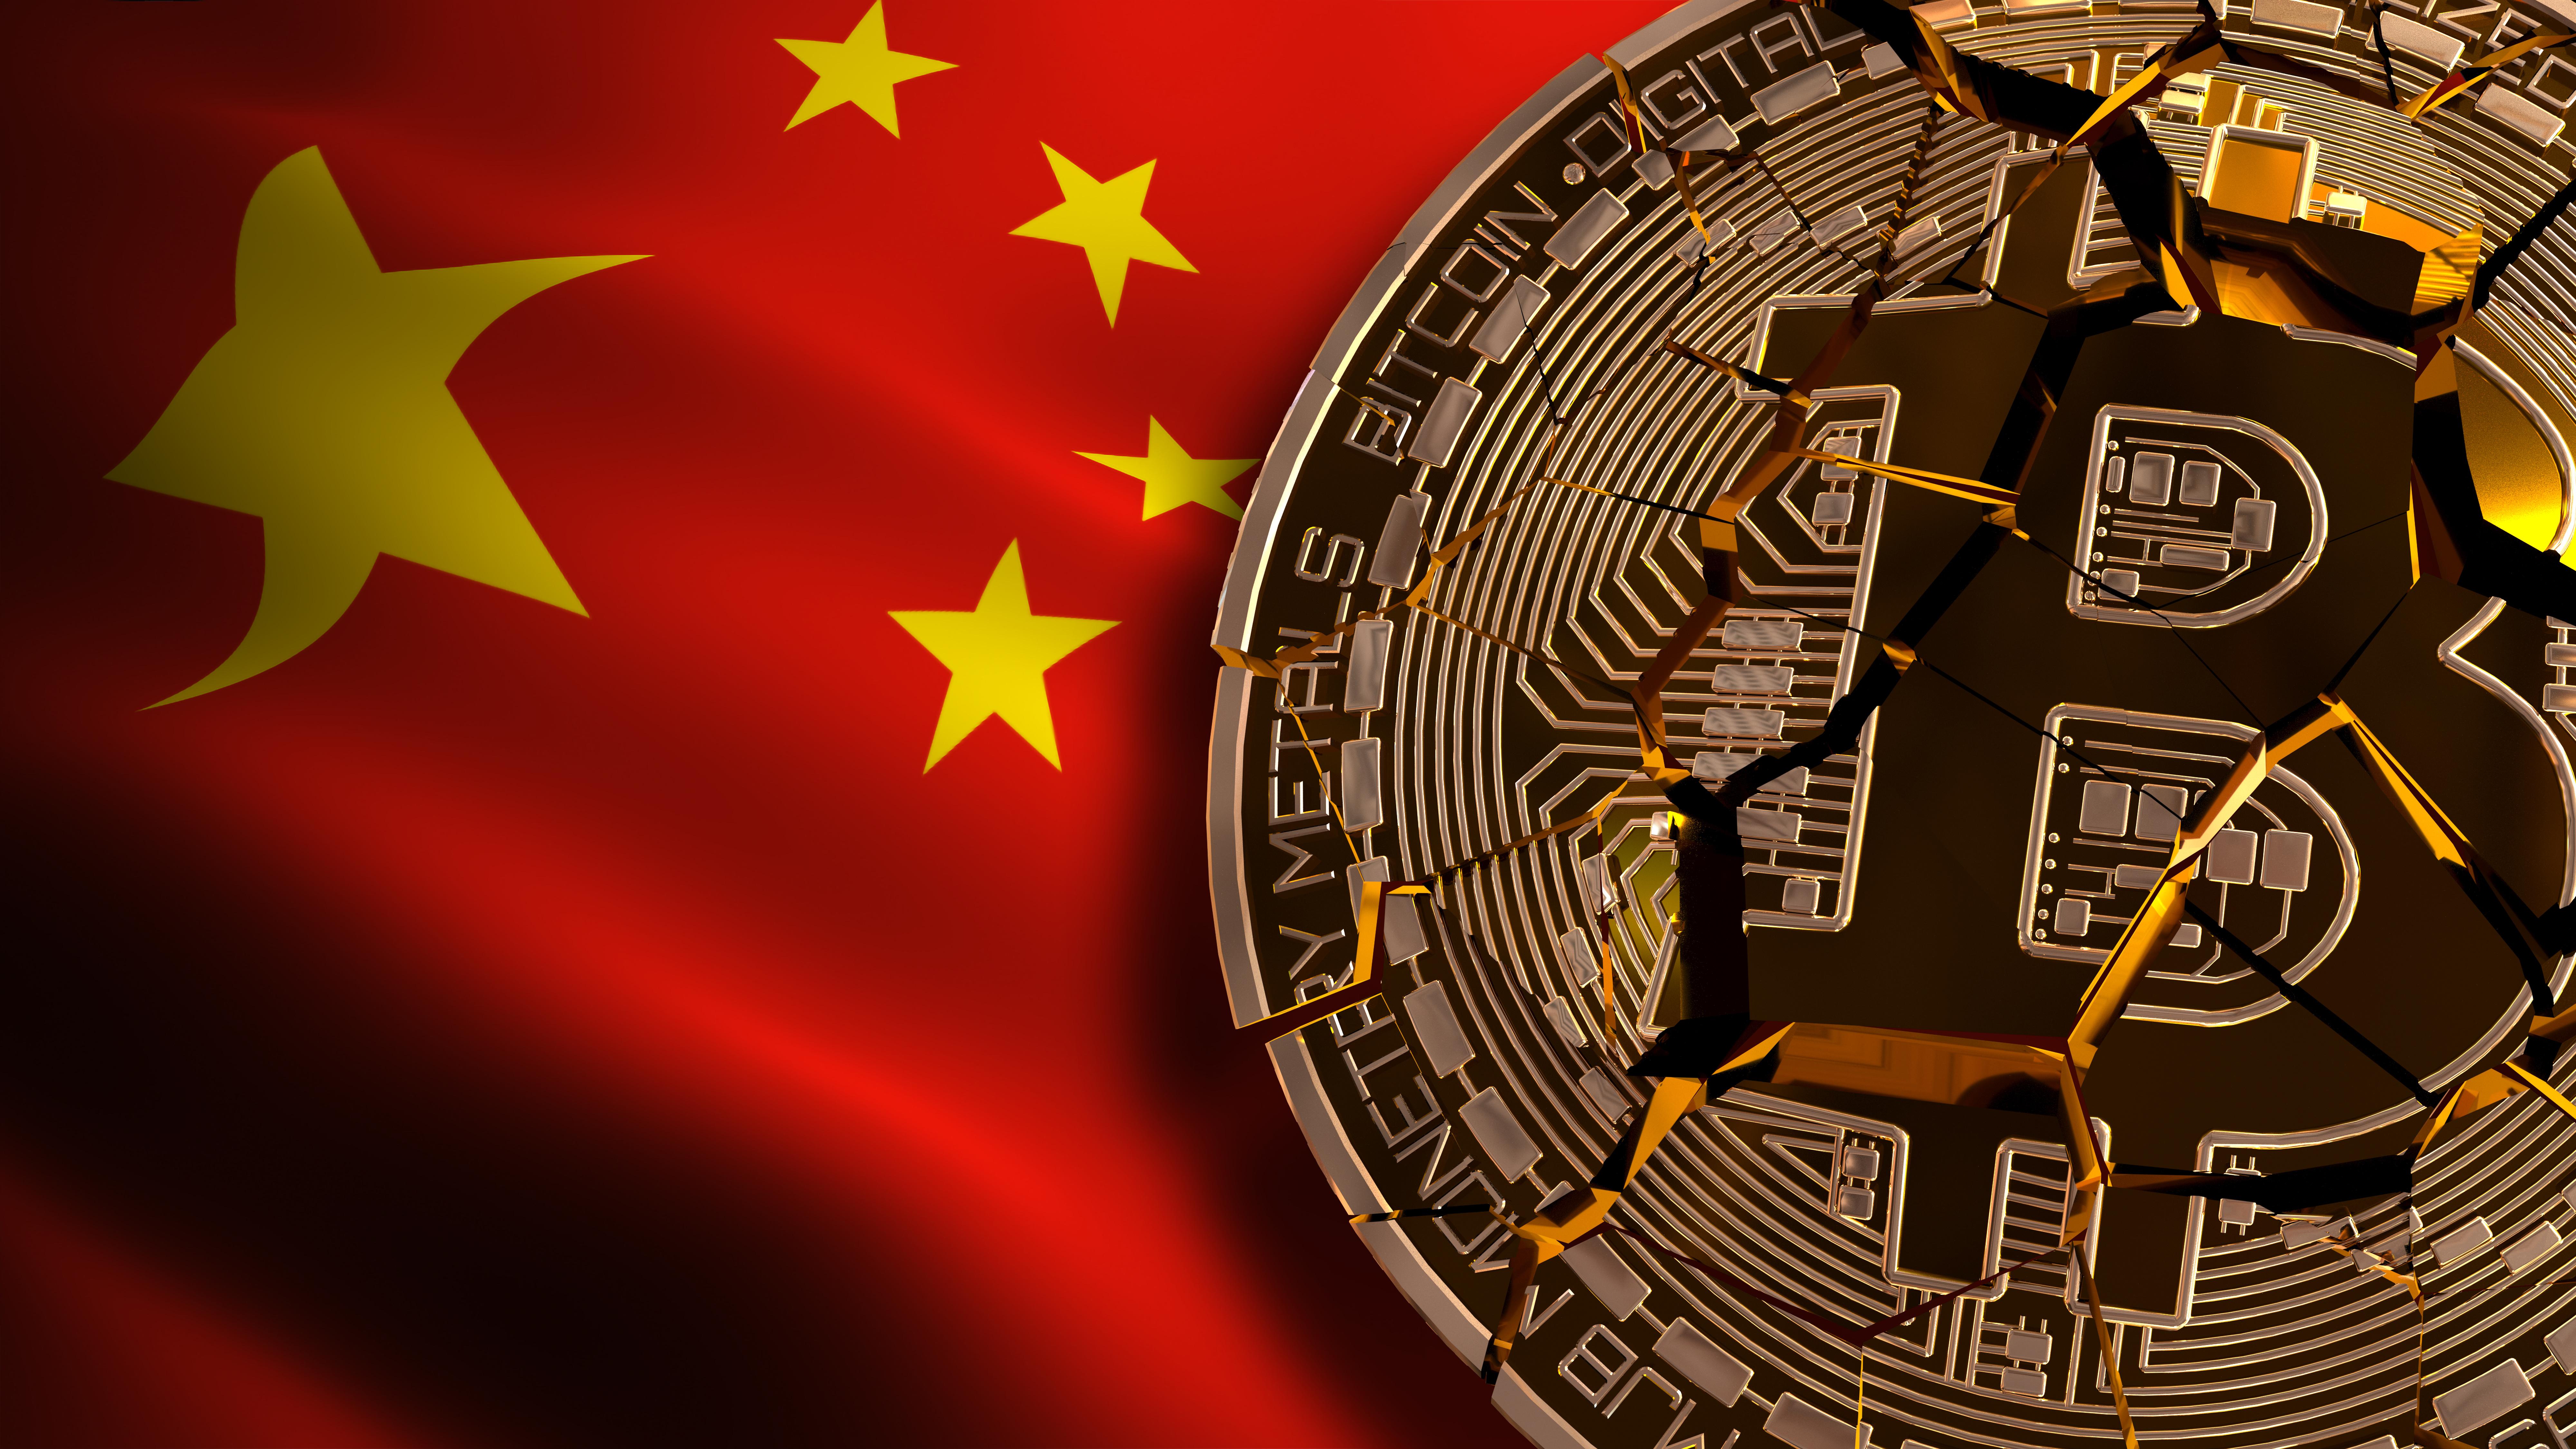 Центробанк Китая призвал «держаться подальше» от криптовалют